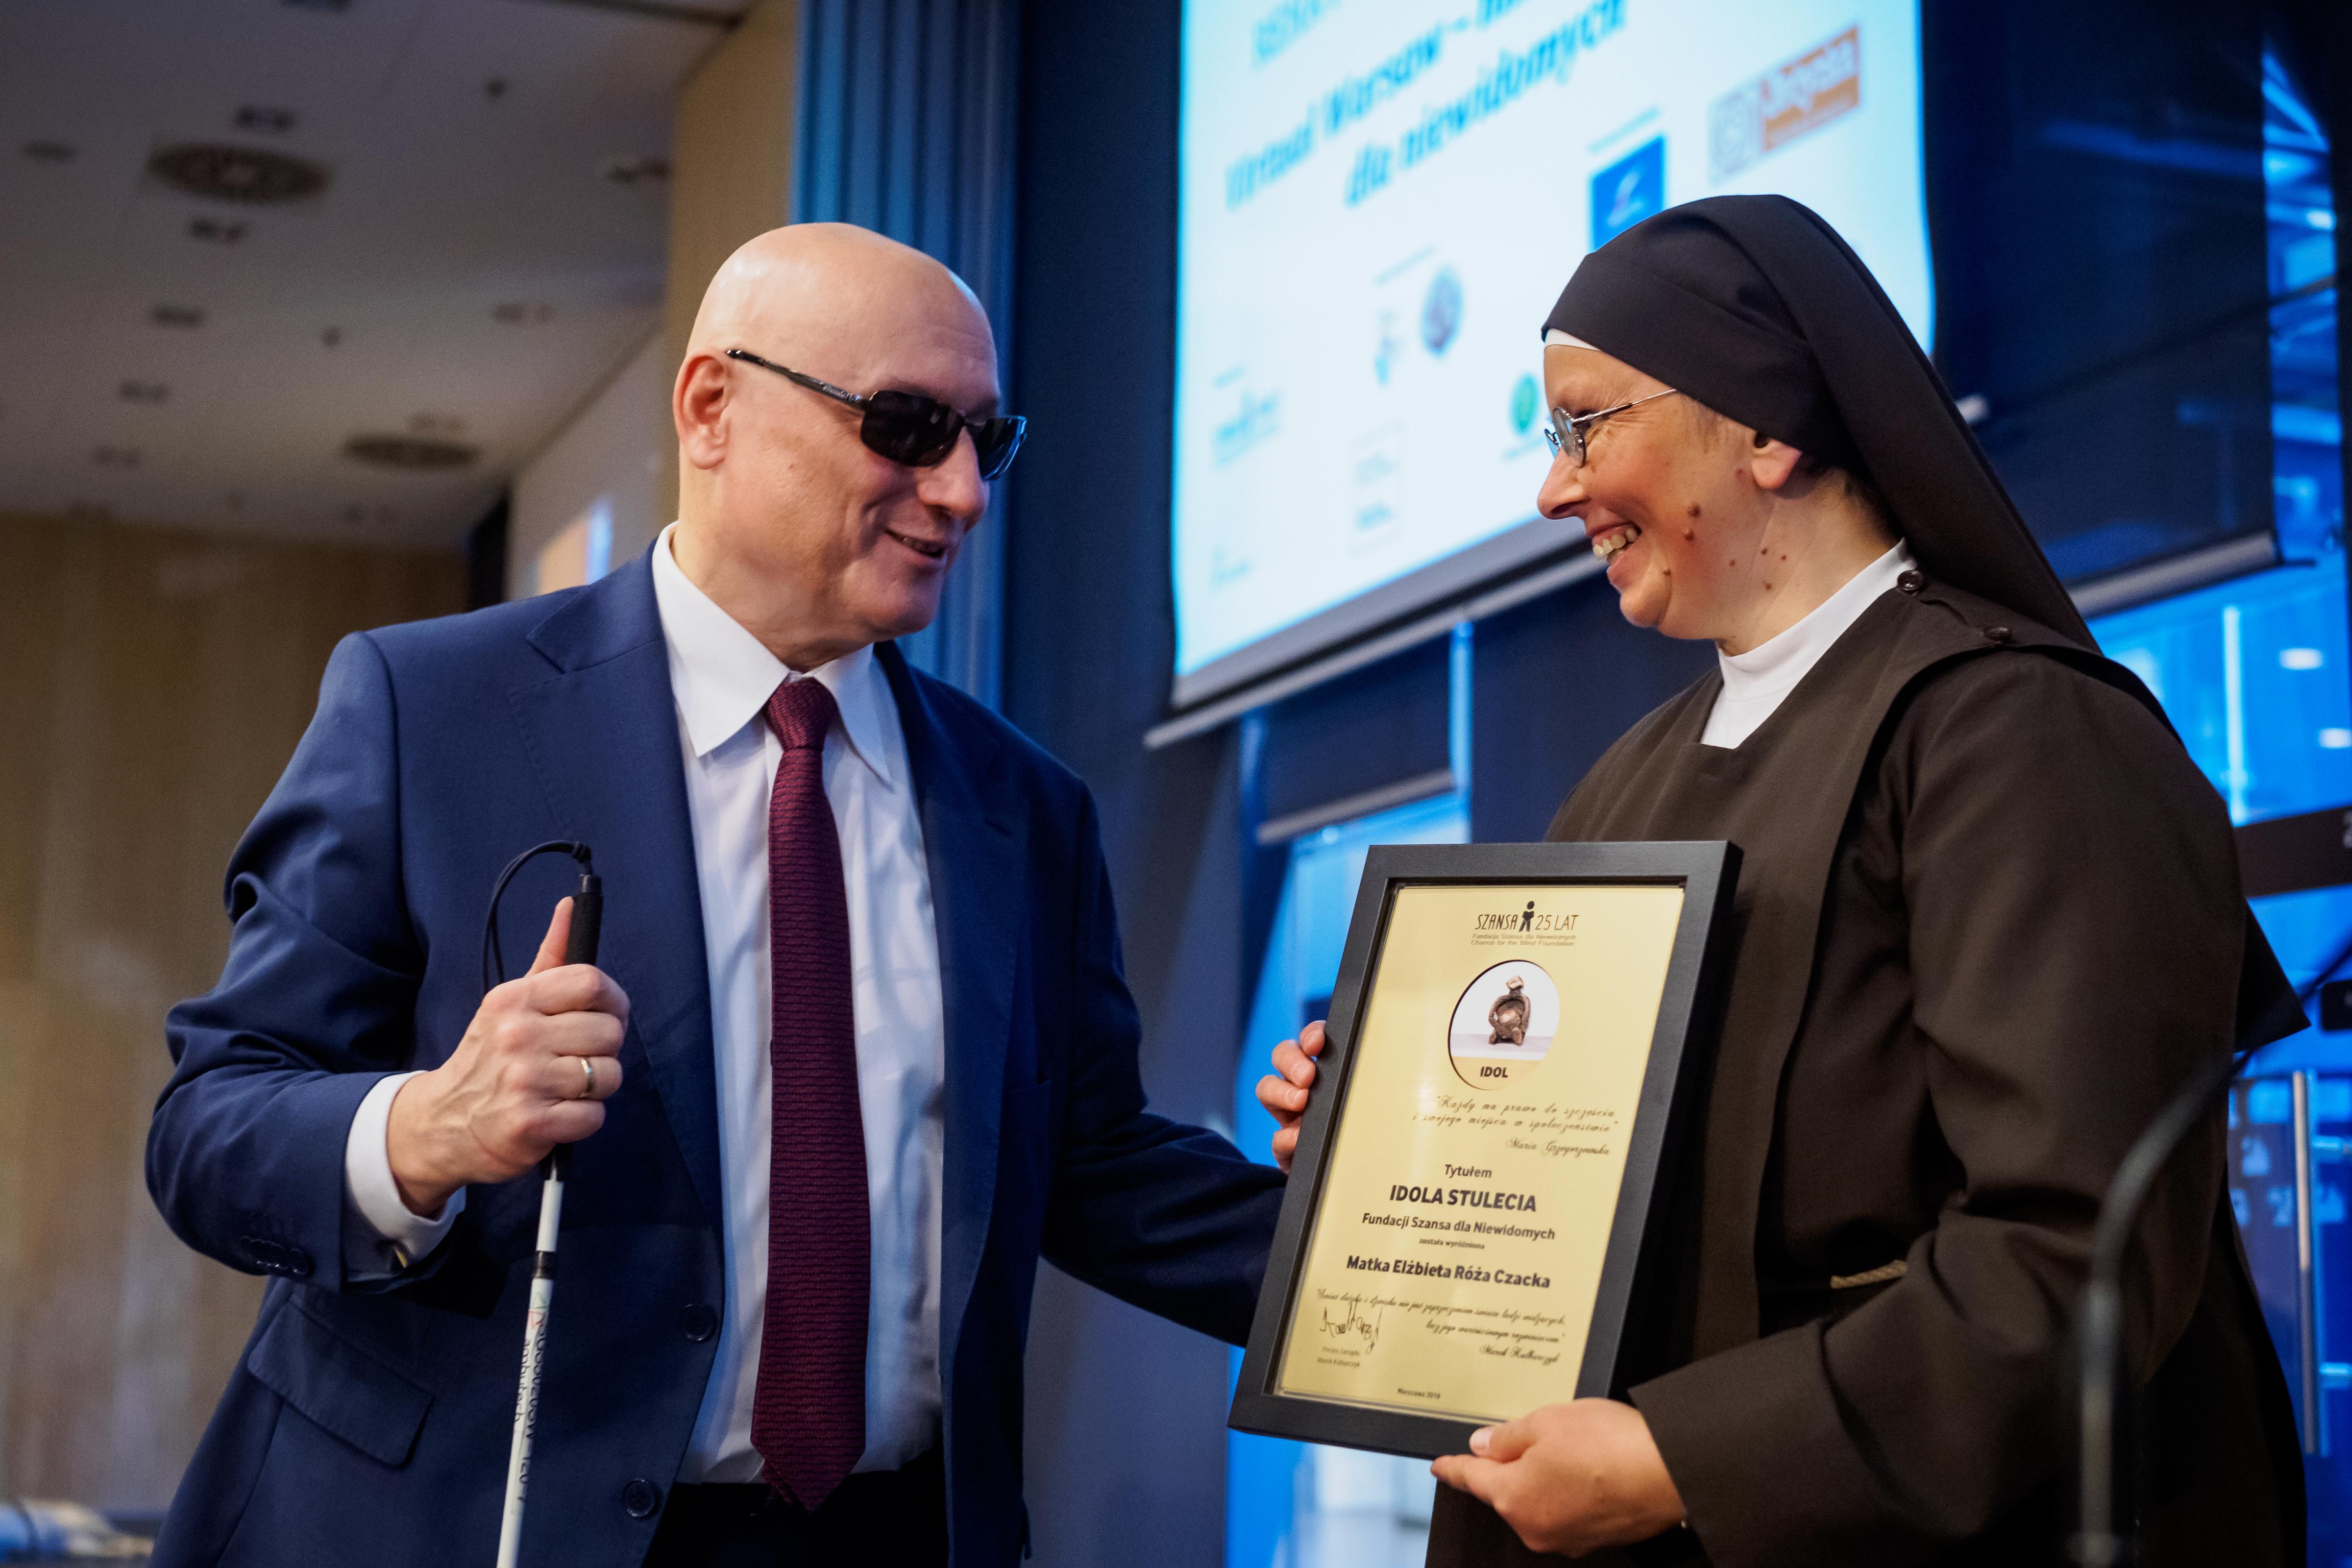 Siostra odbiera nagrodę Idola Stulecia dla Marki Elżbiety Róży Czackiej.